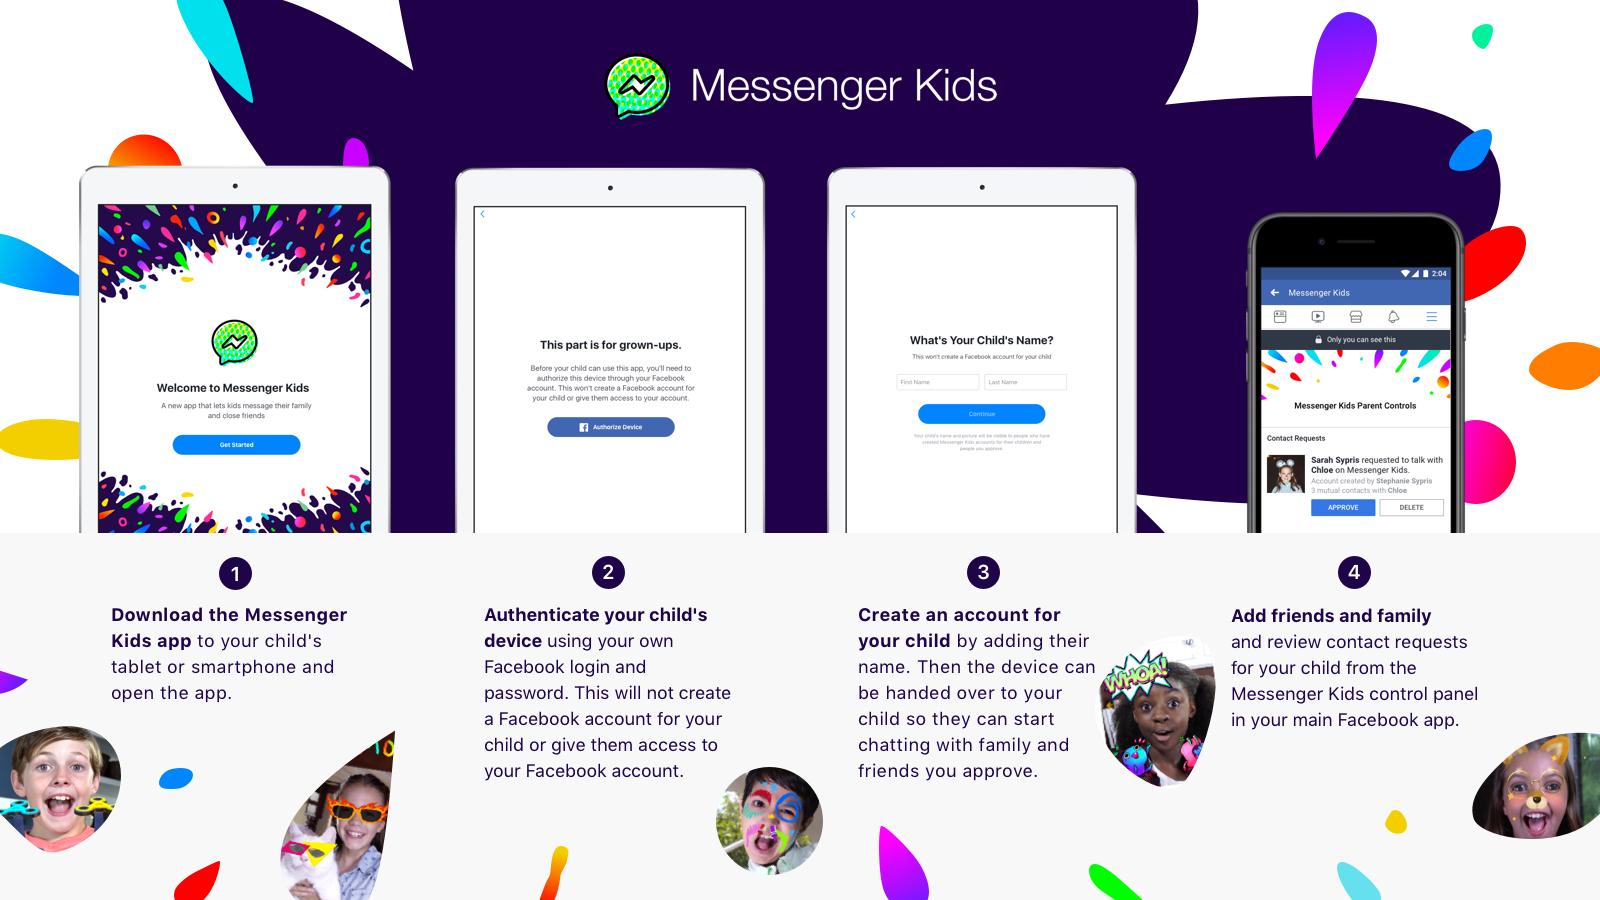 Facebook startet Messenger Kids - eine App für Kinder